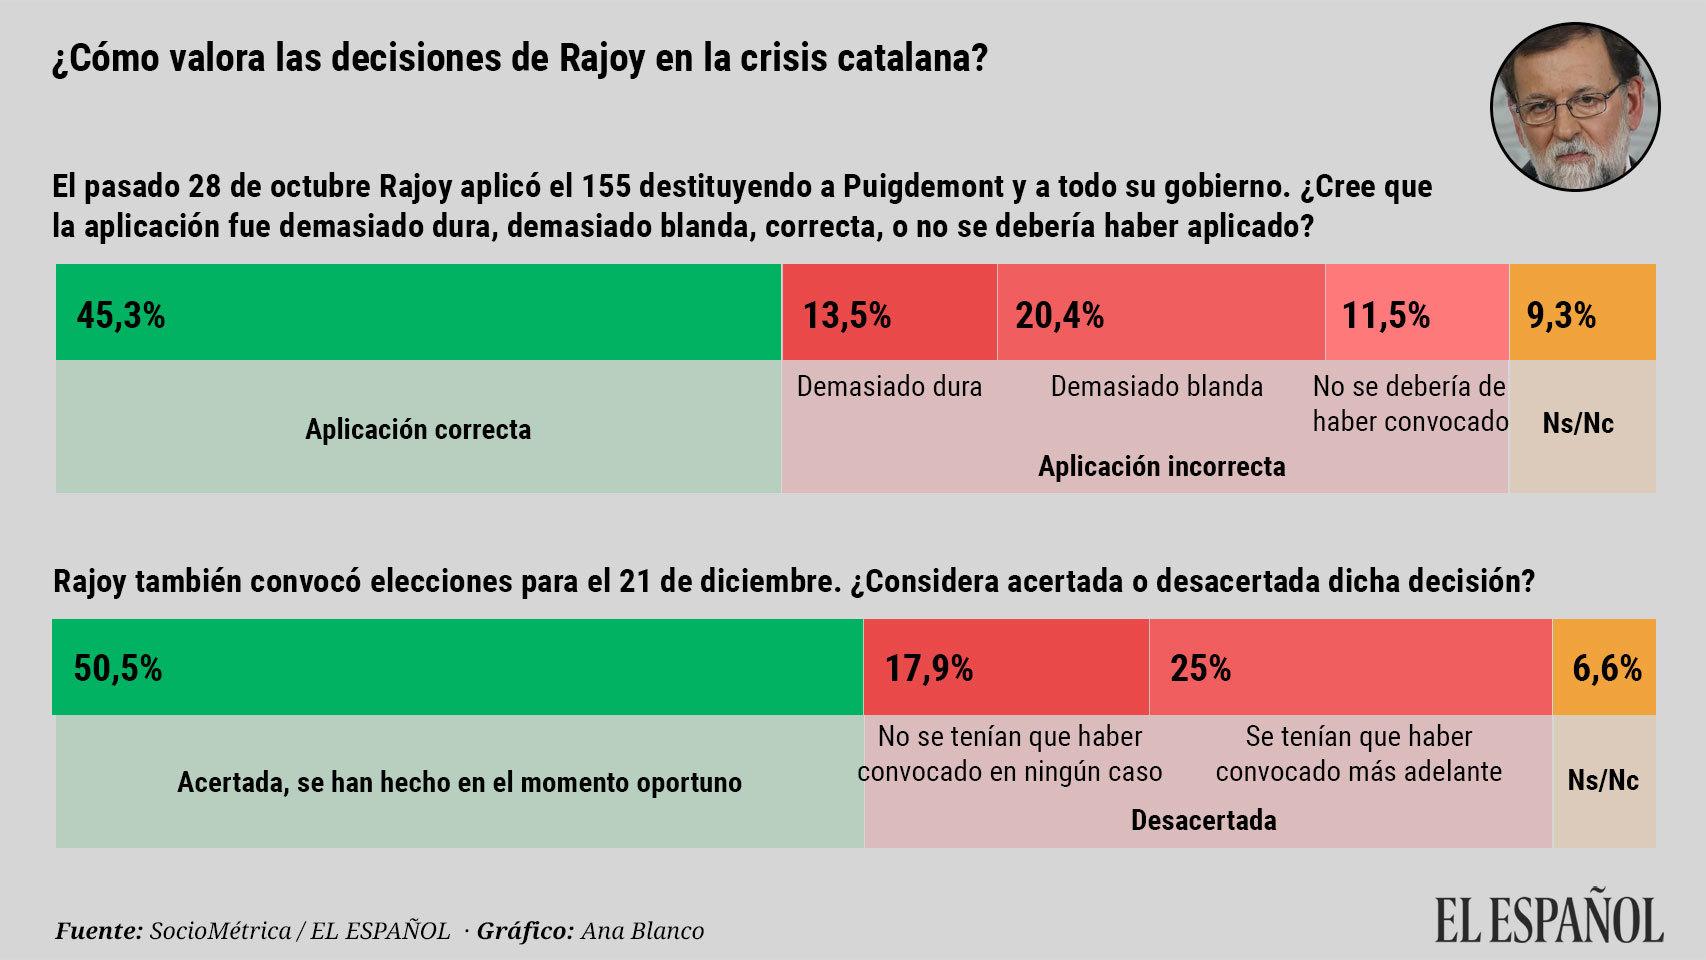 Ene18. Valoración decisiones Rajoy sobre crisis catalana